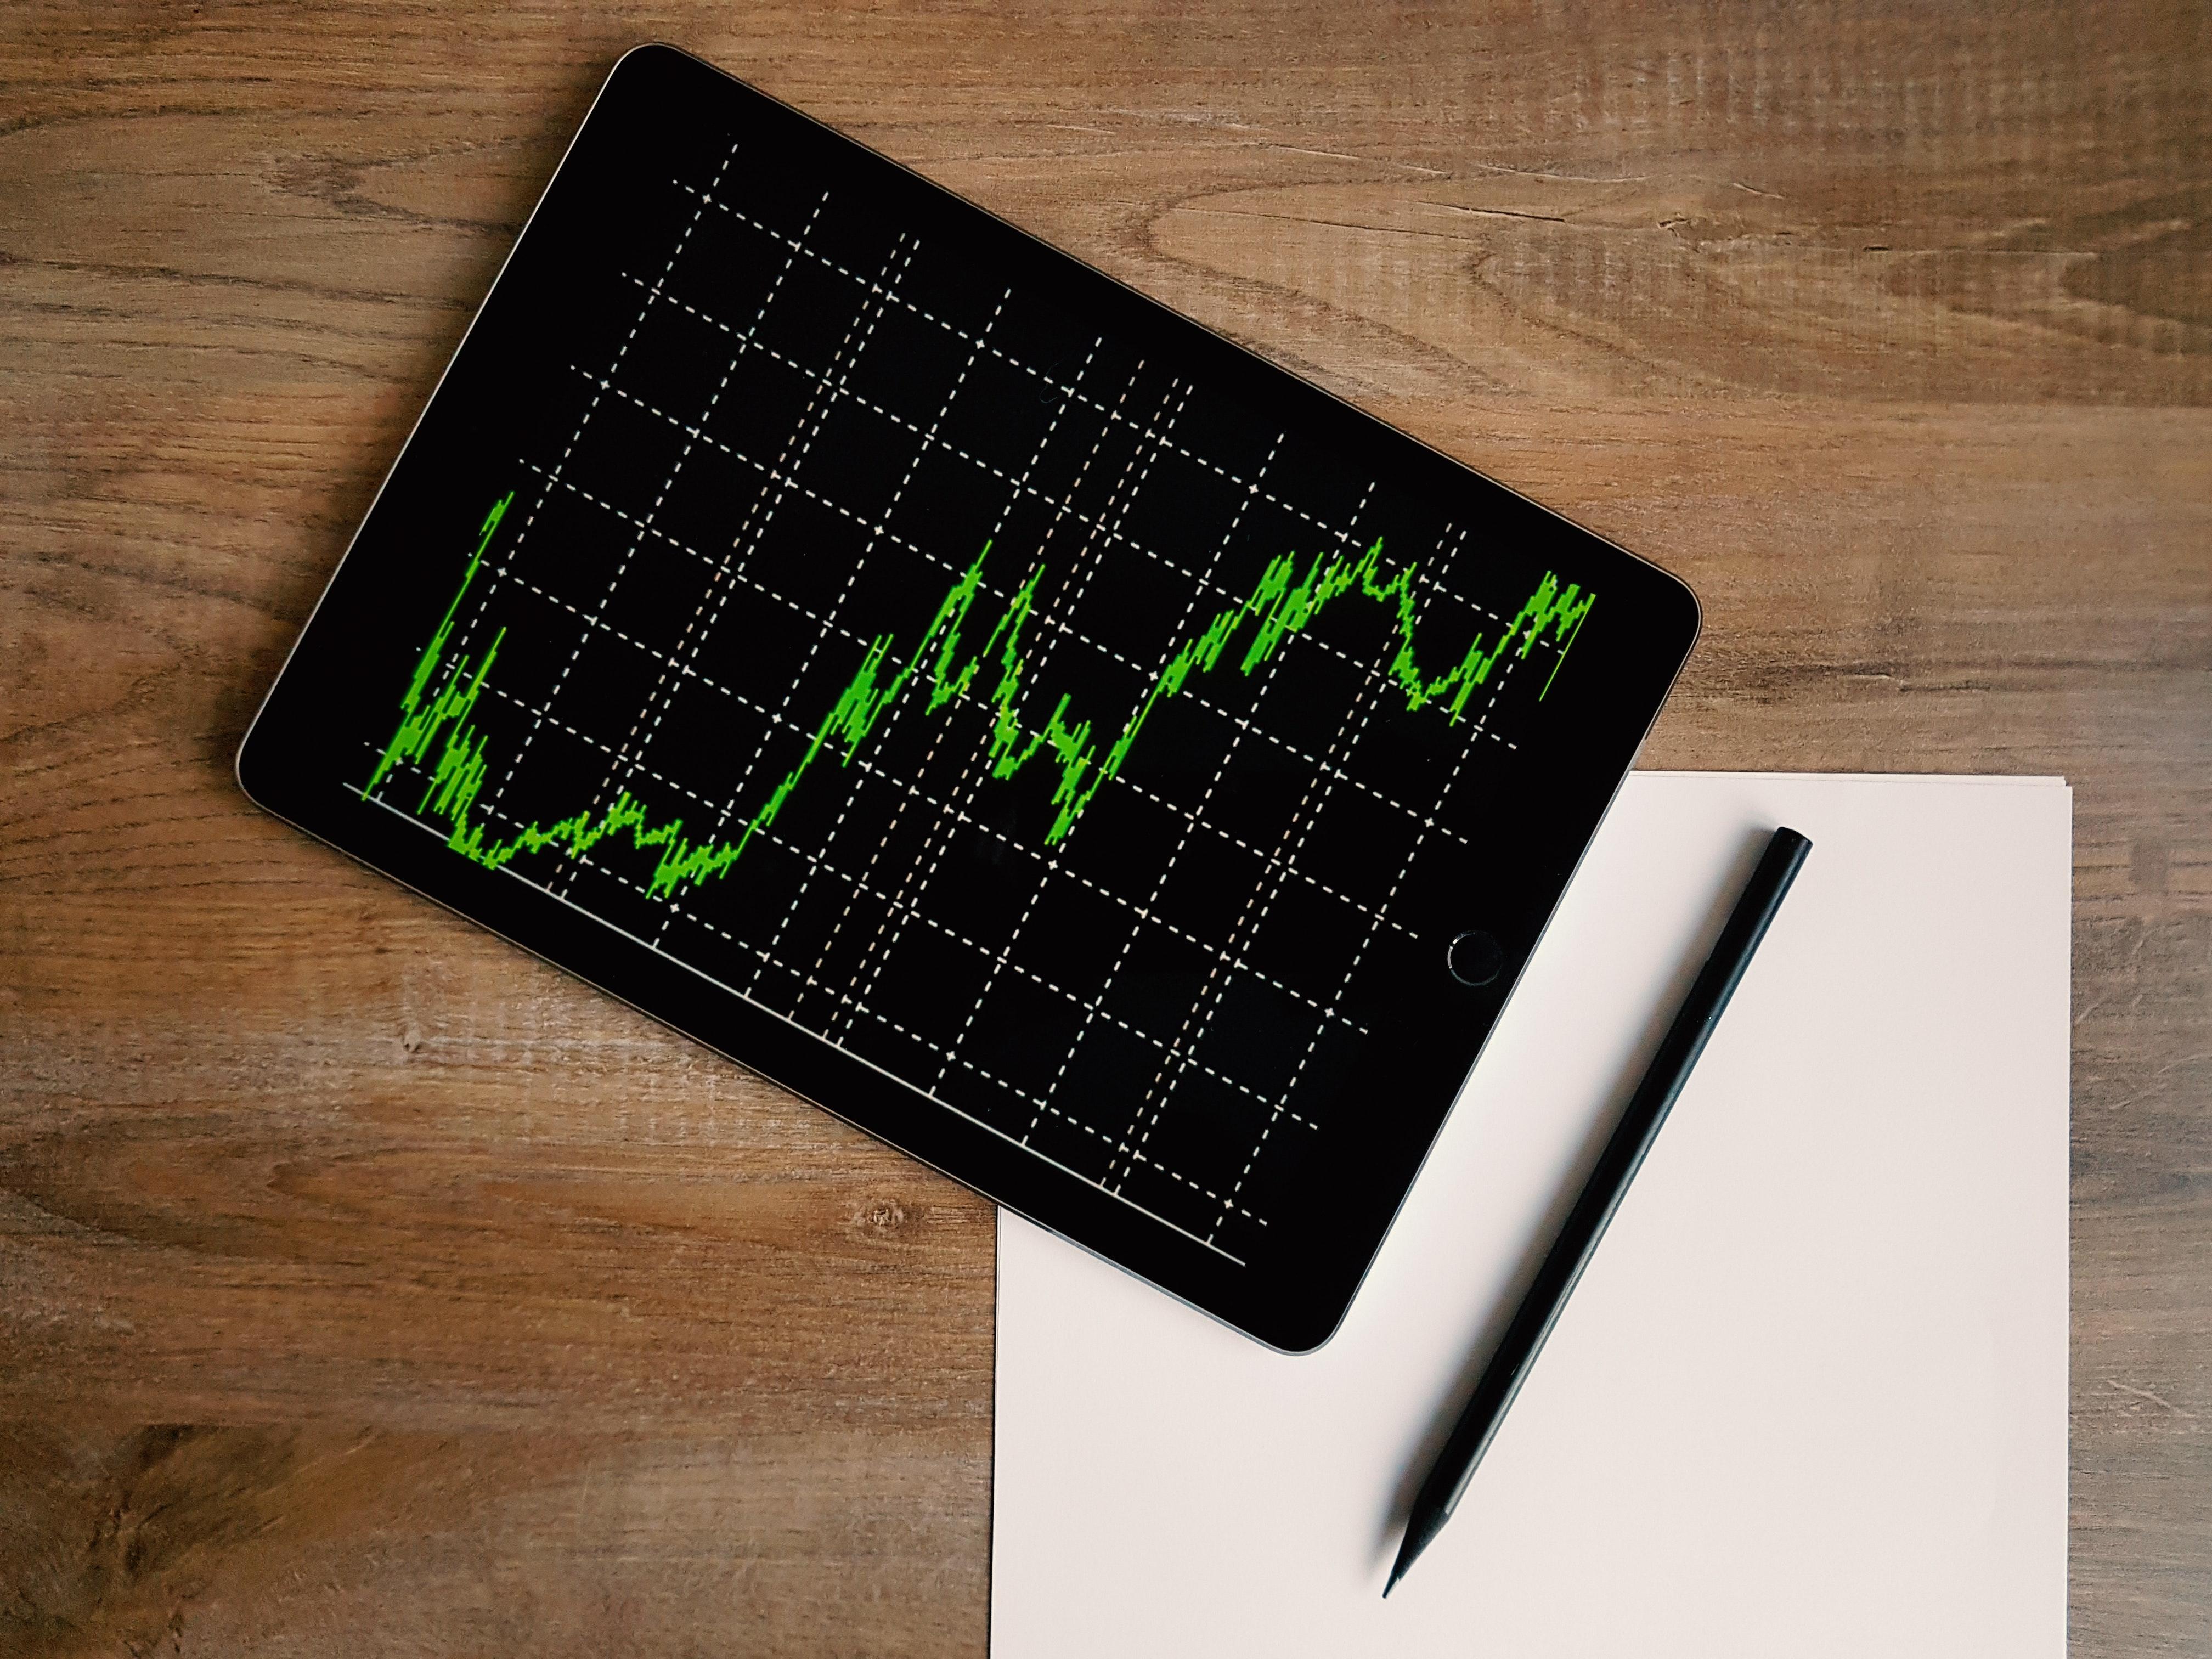 bináris opciók, hogyan lehet a legjobban kereskedni minél többet keresek annál kevesebb pénzt